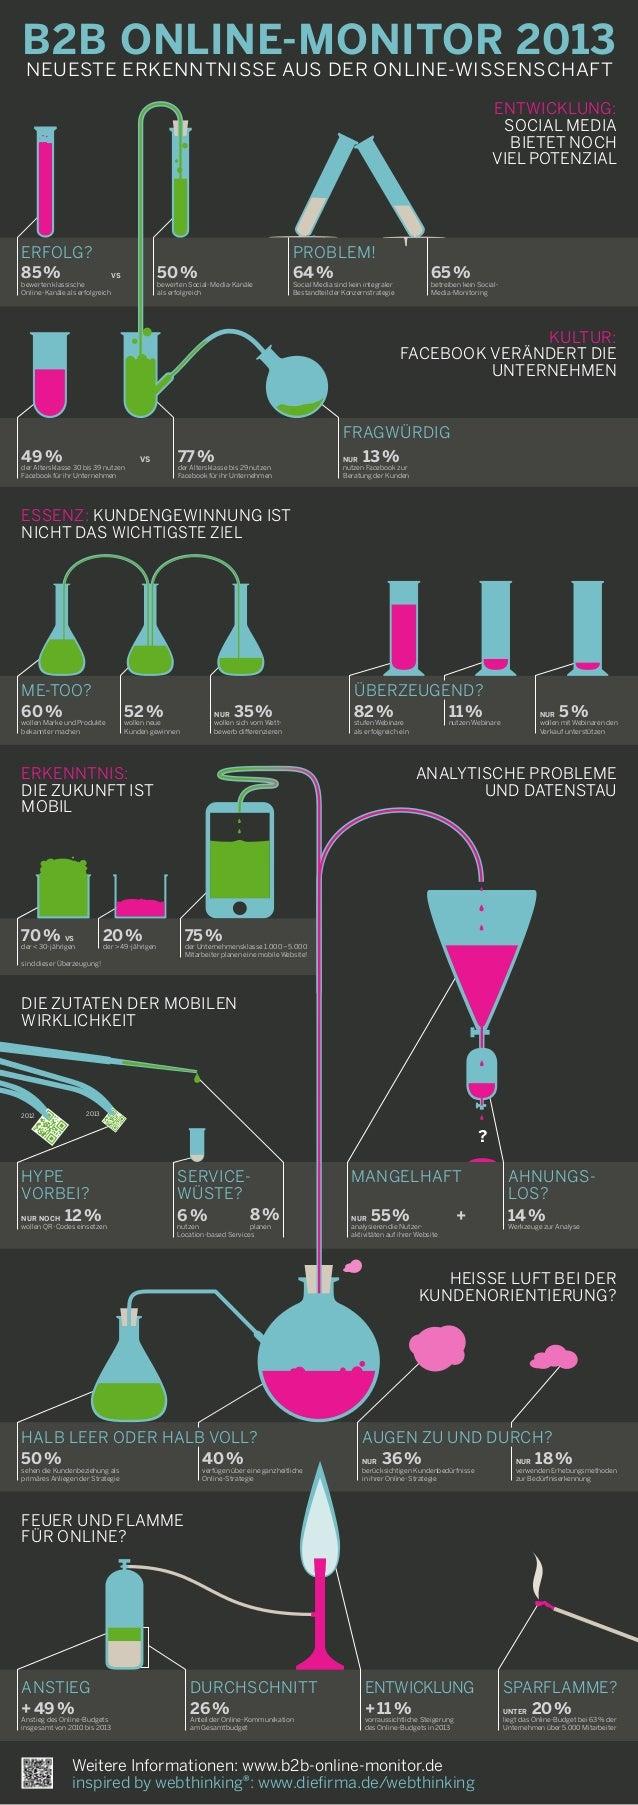 B2B Online-Monitor 2013 neueste erkenntnisse AUS der online-wissenschaft +49% Anstieg des Online-Budgets insgesamt von 2...